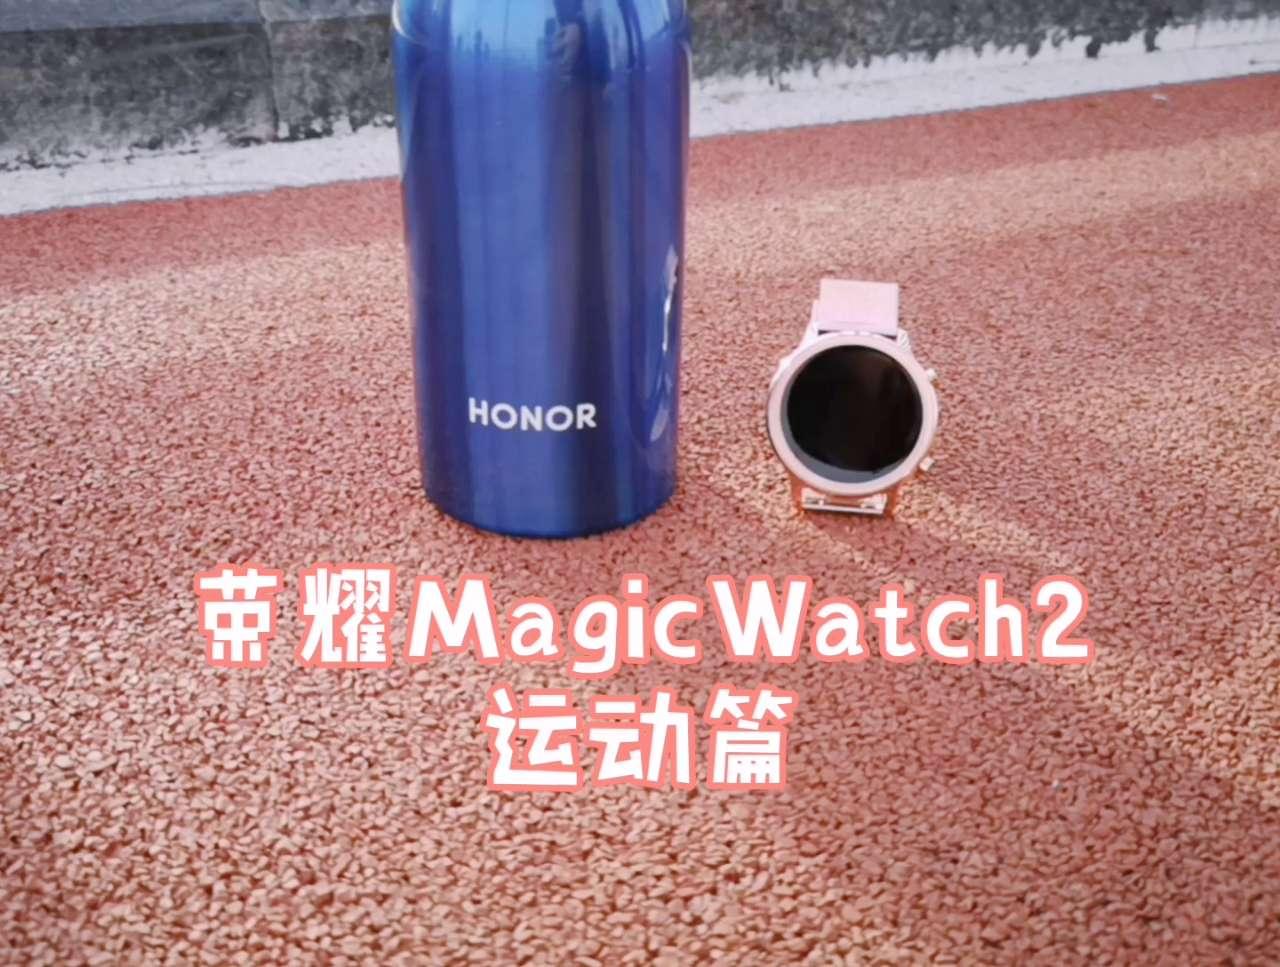 【荣耀手表2】戴上荣耀MagicWatch2一起做运动吧,HONOR MagicWatch 2-花粉俱乐部